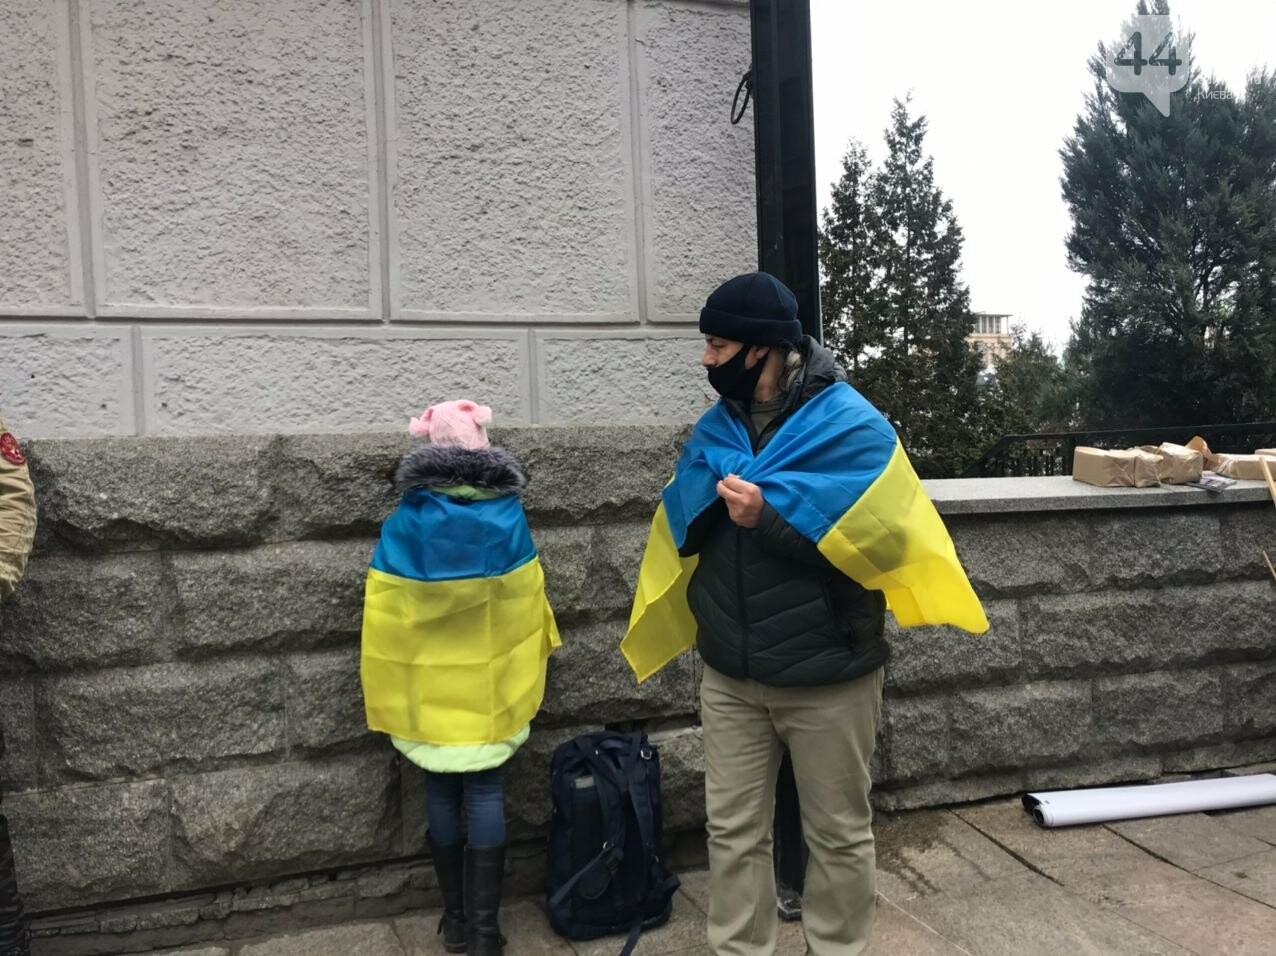 Перекрытые улицы и люди в форме: в Киеве готовятся к новым протестам из-за суда над Стерненко, фото-4